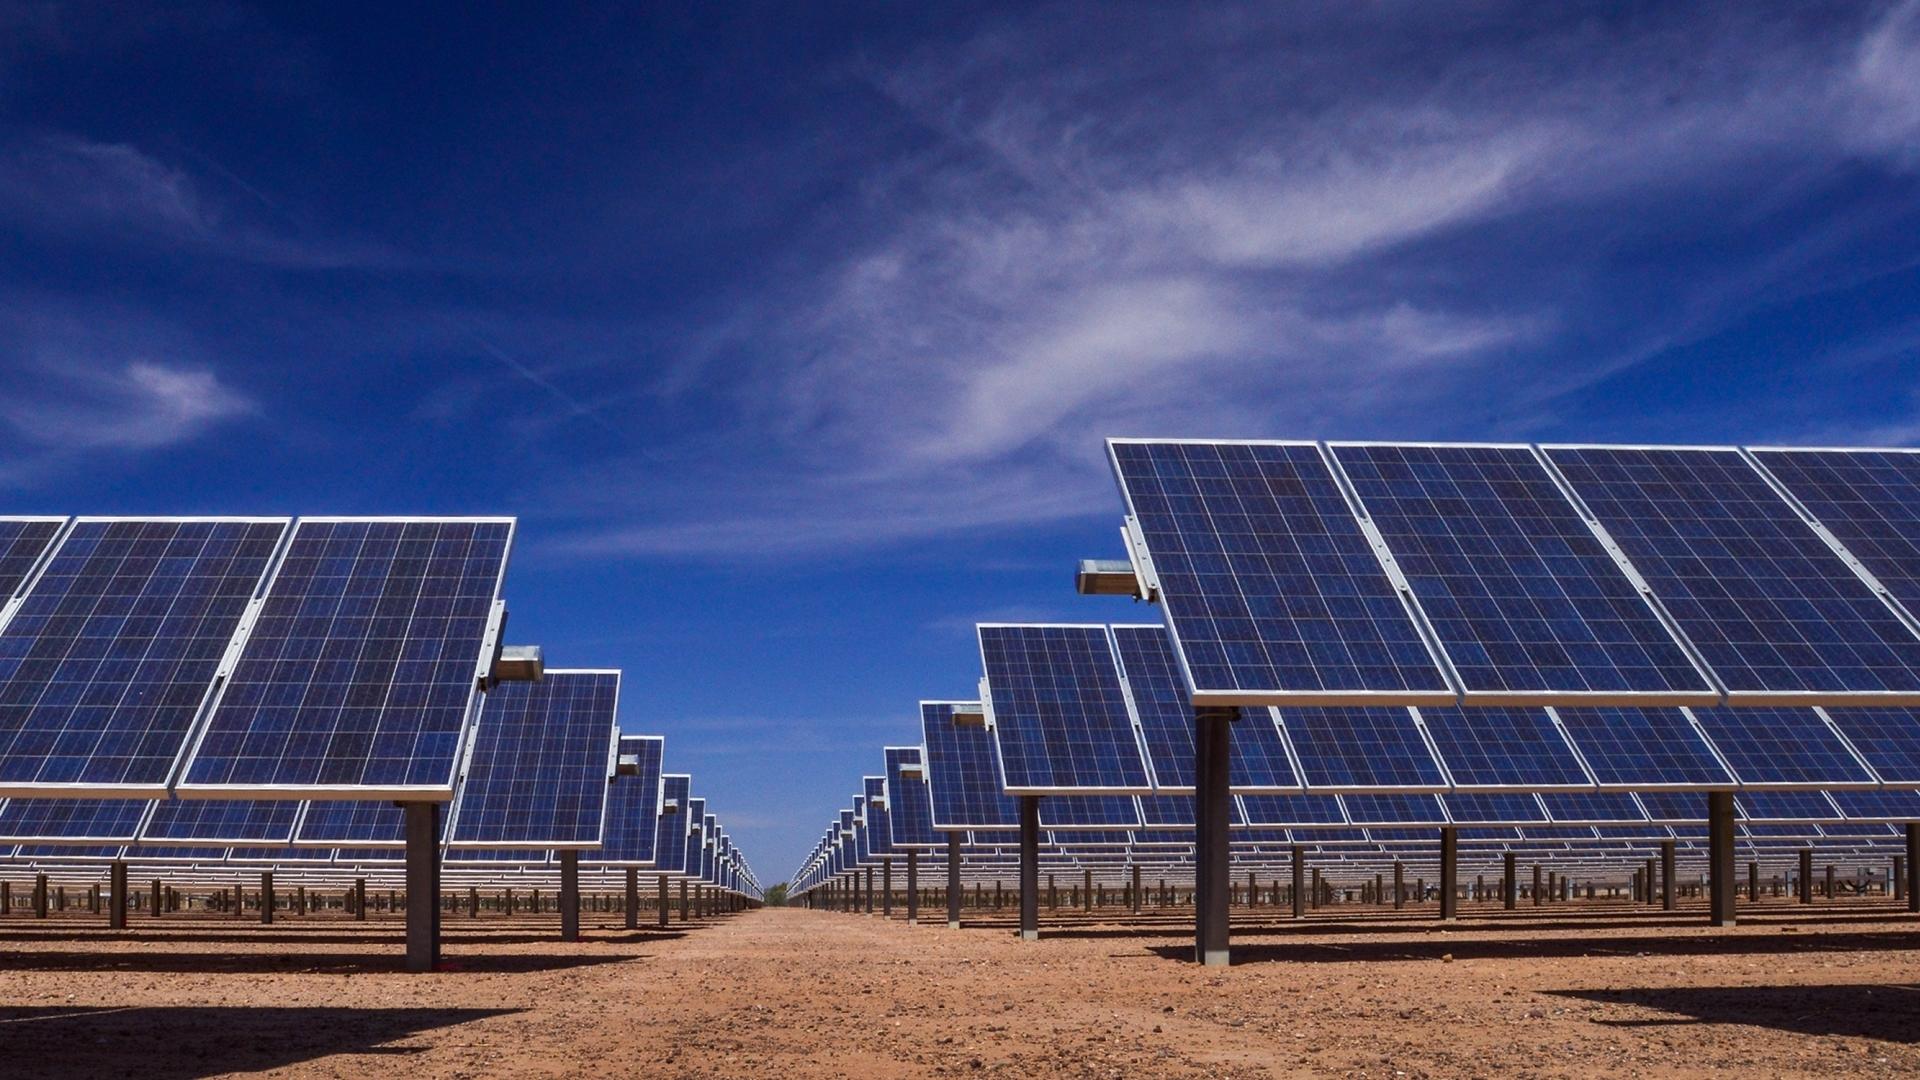 ENERGIE : Plus de 20 milliards de FCFA à la Côte d'Ivoire pour la construction de la centrale solaire de Boundiali